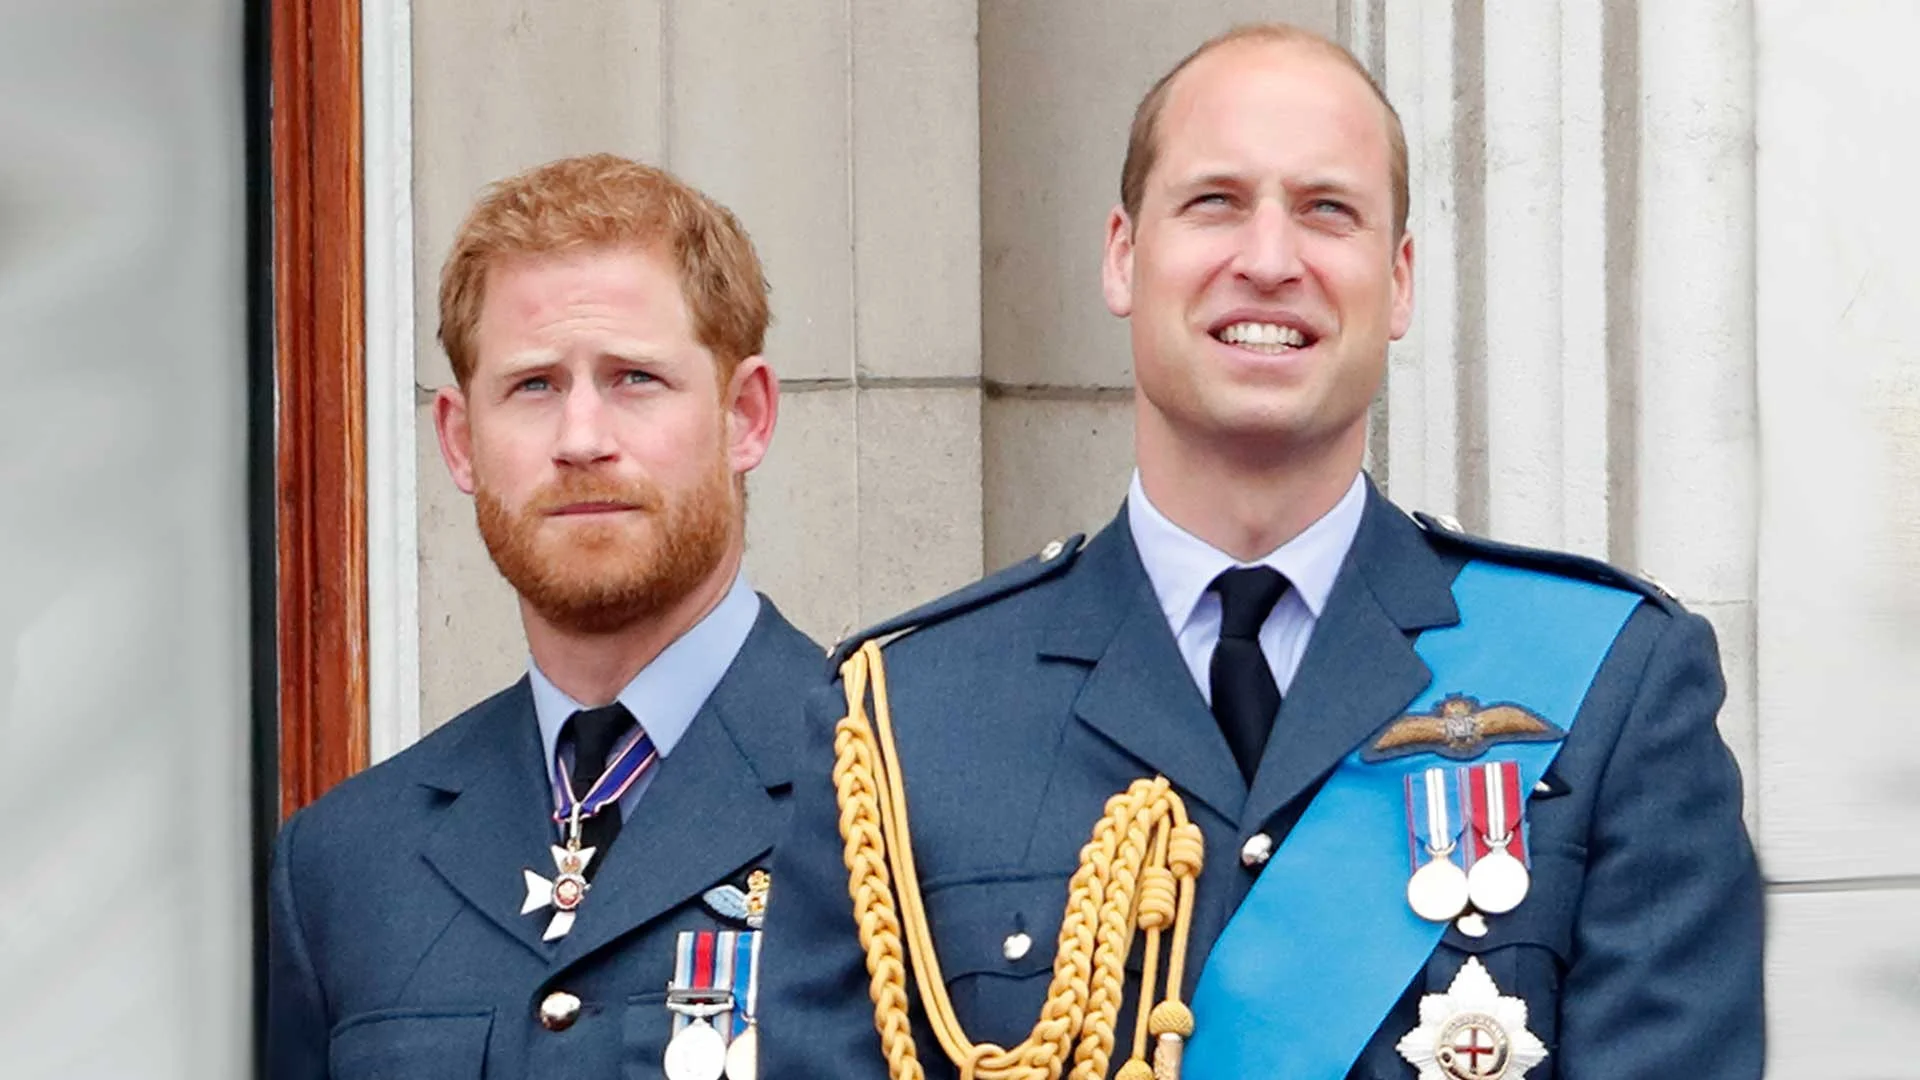 Problemas entre el príncipe William y Harry